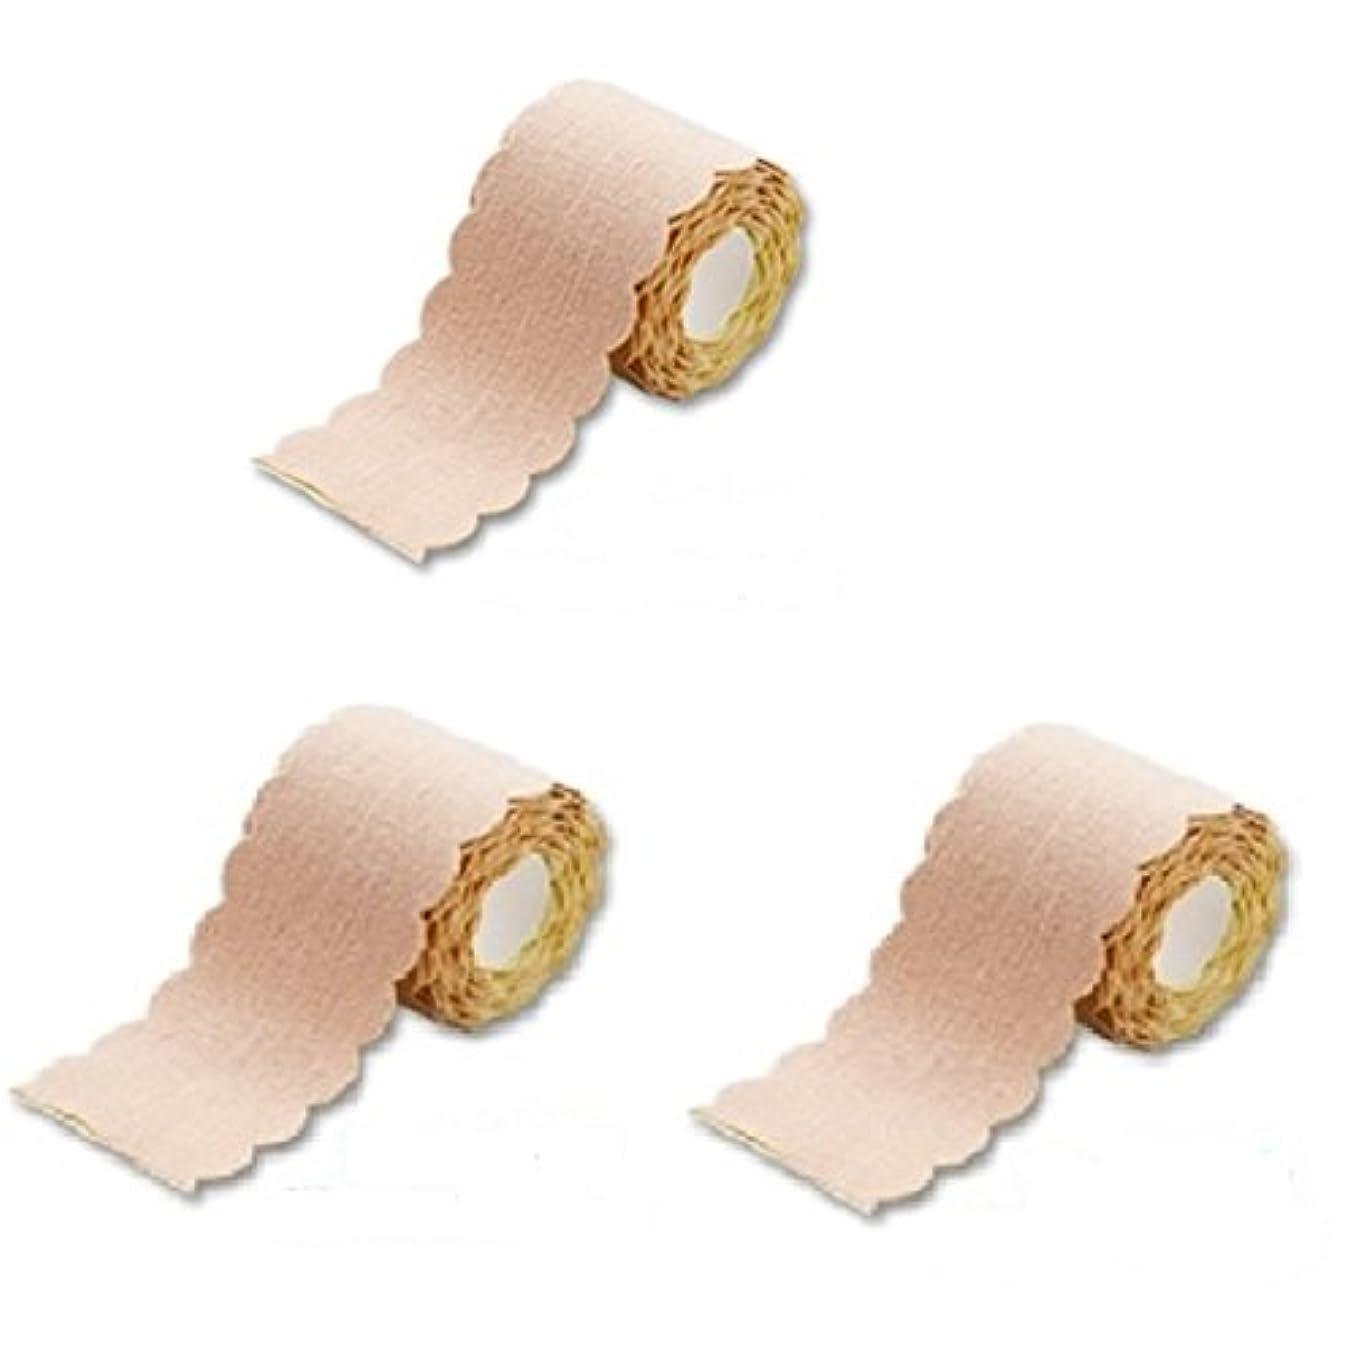 ヒロイック美容師予備直接貼るからズレない汗シート! 汗取りパッド ワキに直接貼る汗とりシート ロールタイプ 3m×3個セット (たっぷり9m 特別お得セット)まとめ割 脇汗ジミ わき汗 対策